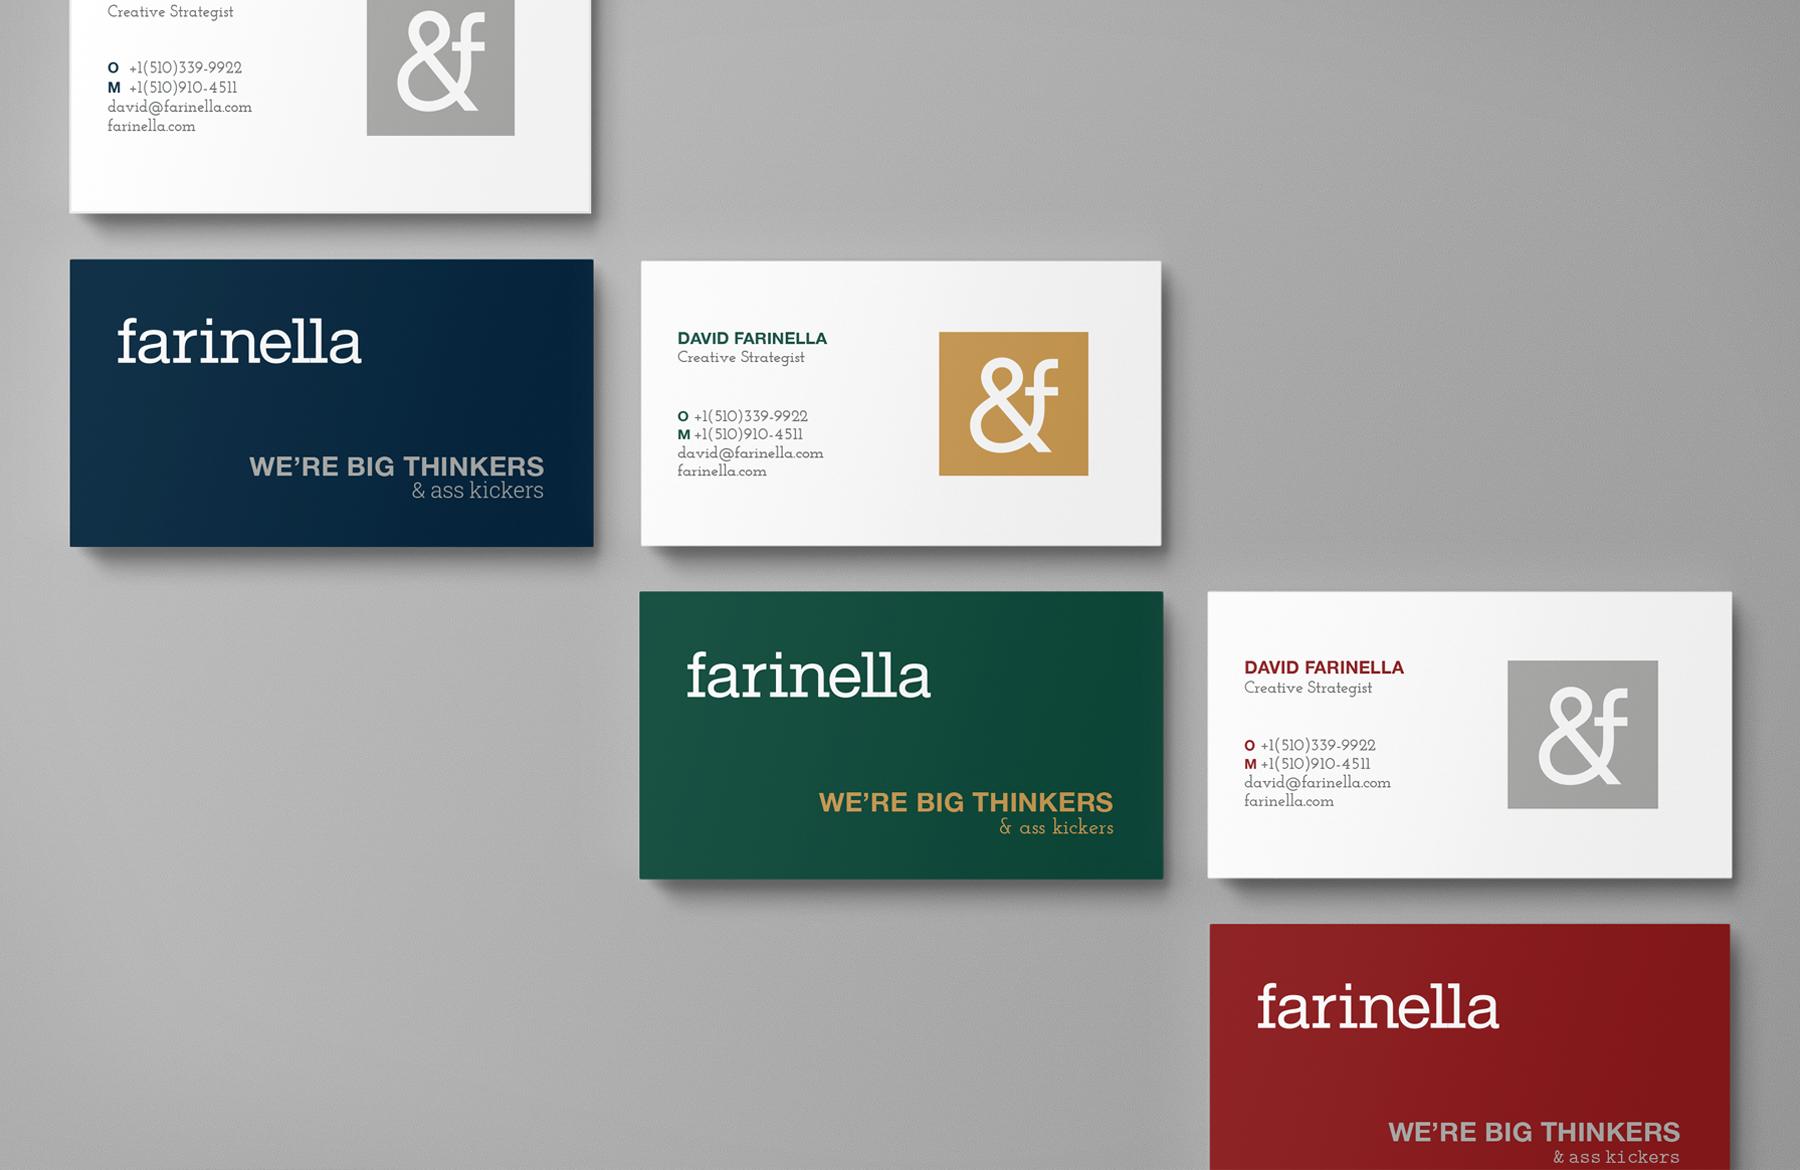 Farinella Agency